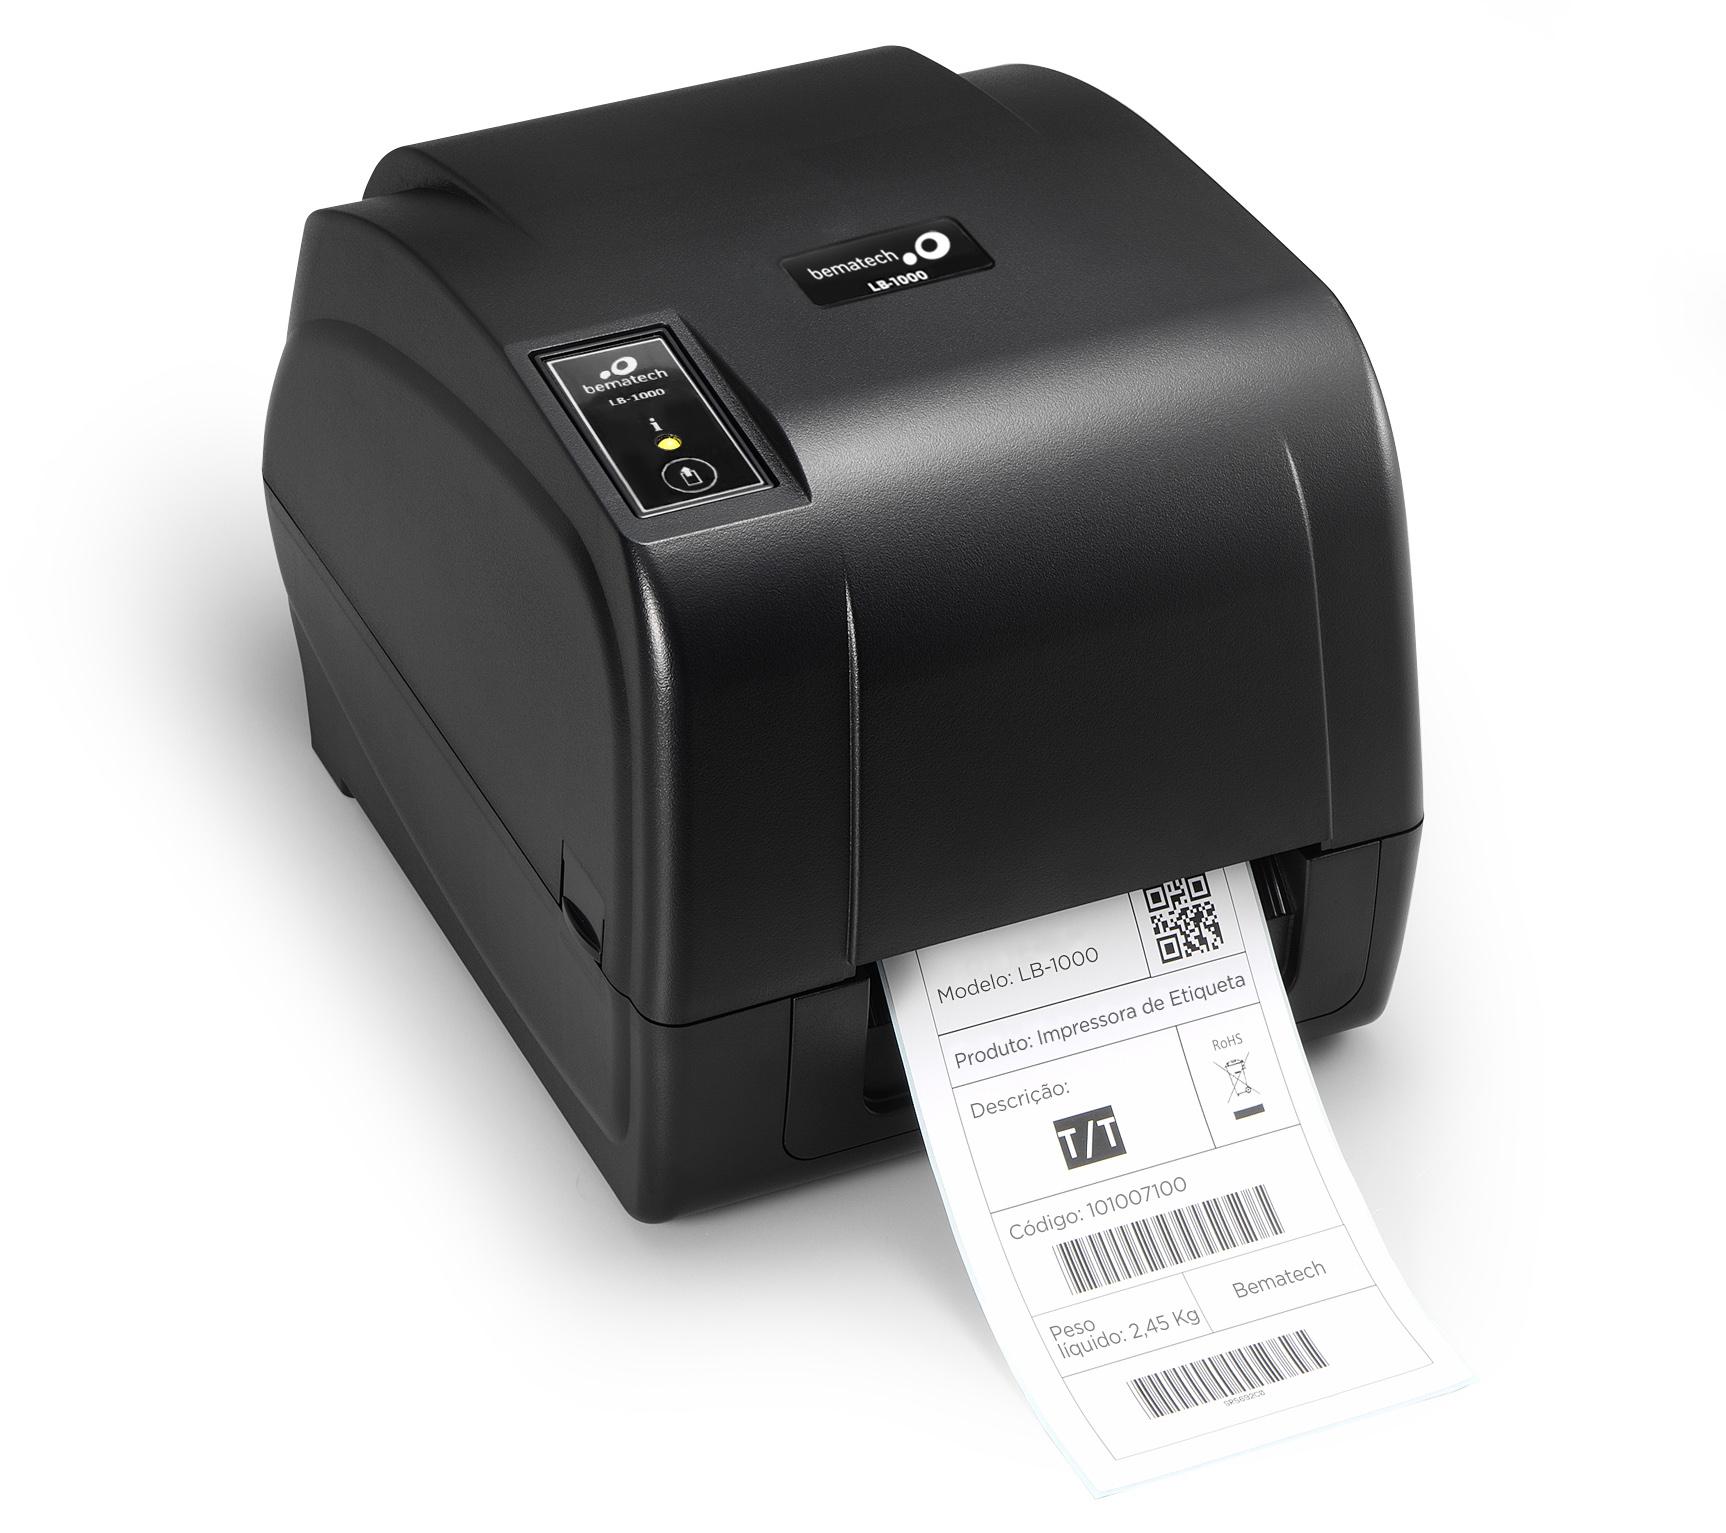 1000_impressora